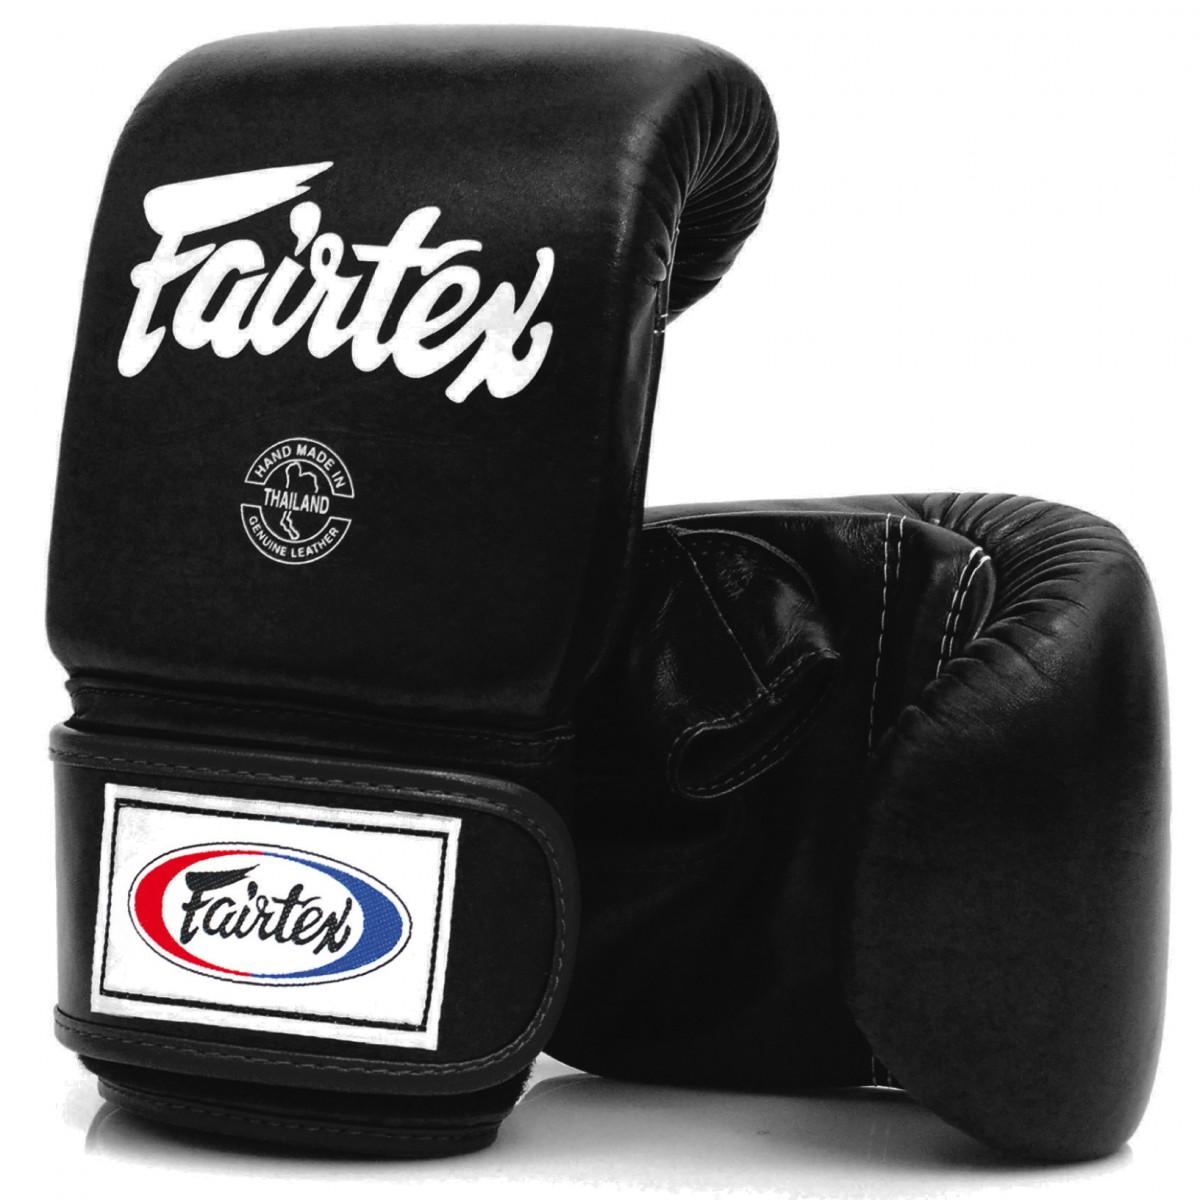 Gants de sac Fairtex cuir